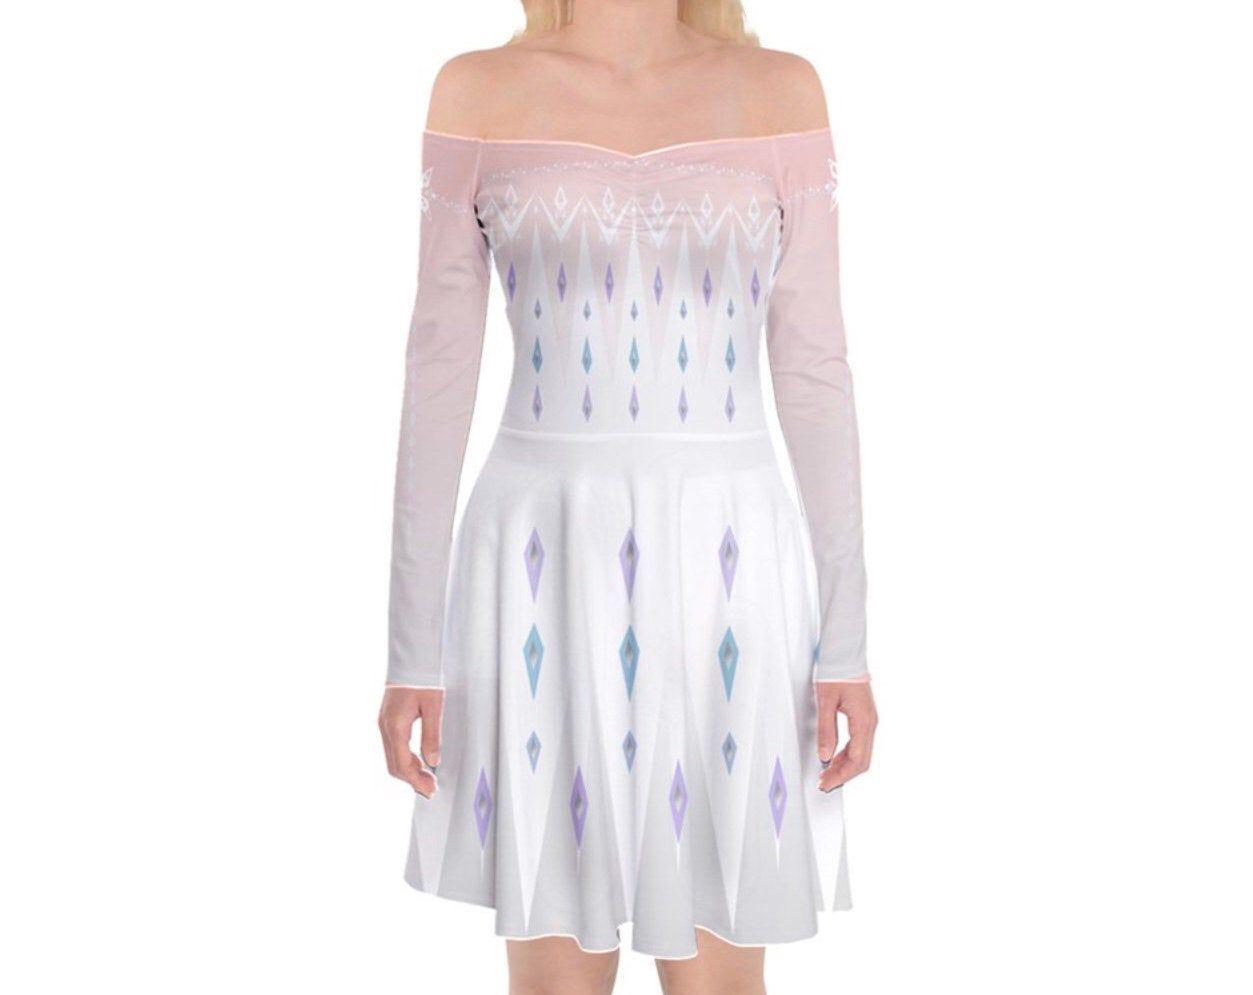 Source By Lucikwiatkowski Halloween White Dress In 2020 Frozen Elsa Dress Elsa Dress Dresses